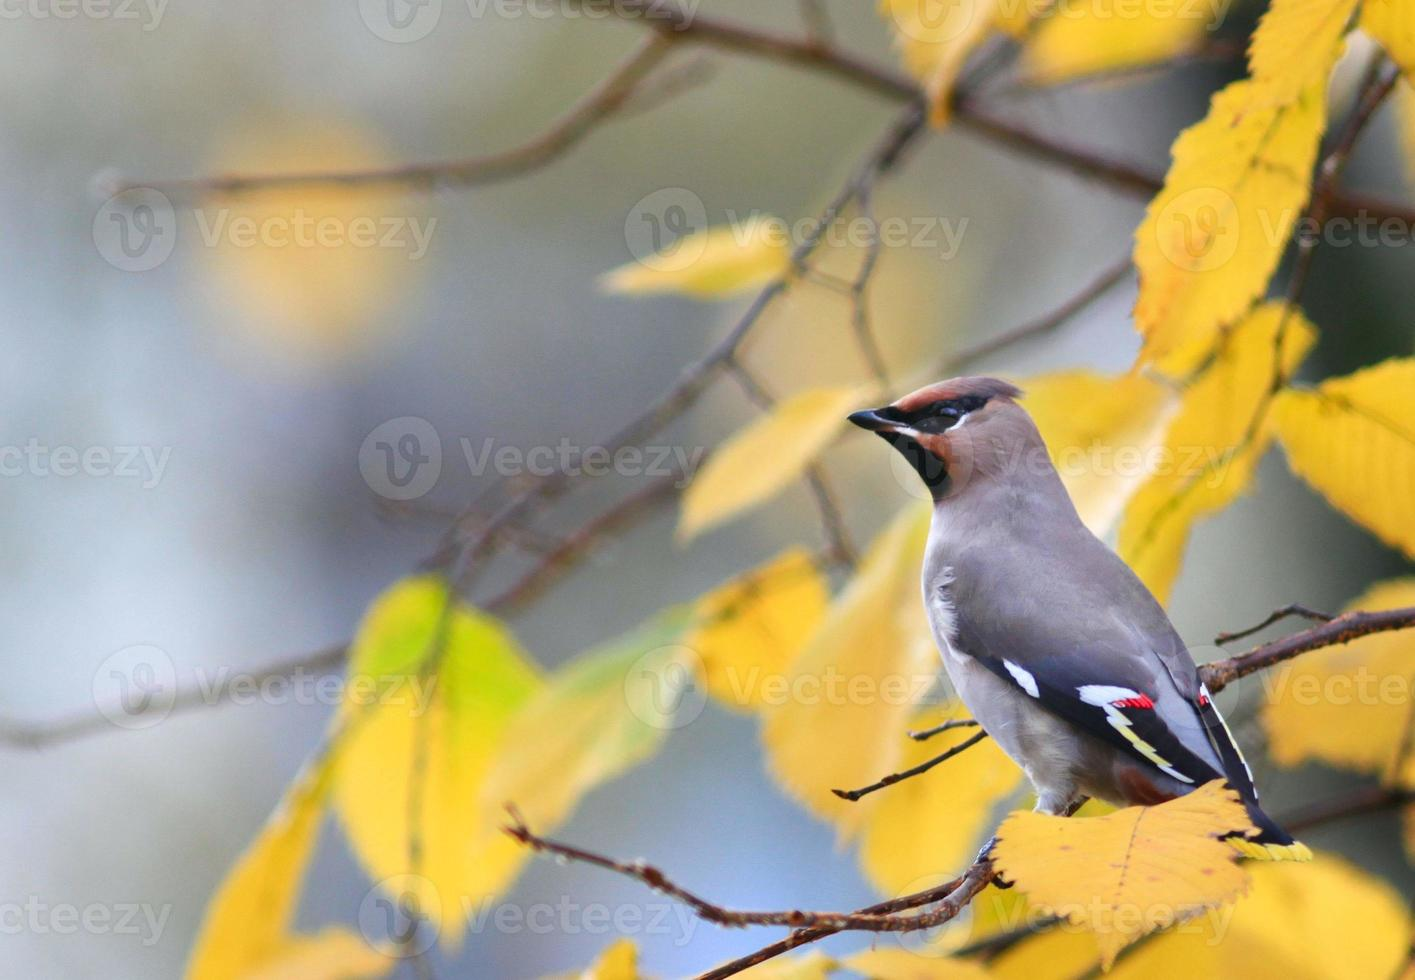 konsistens av höstens gren bakgrund foto